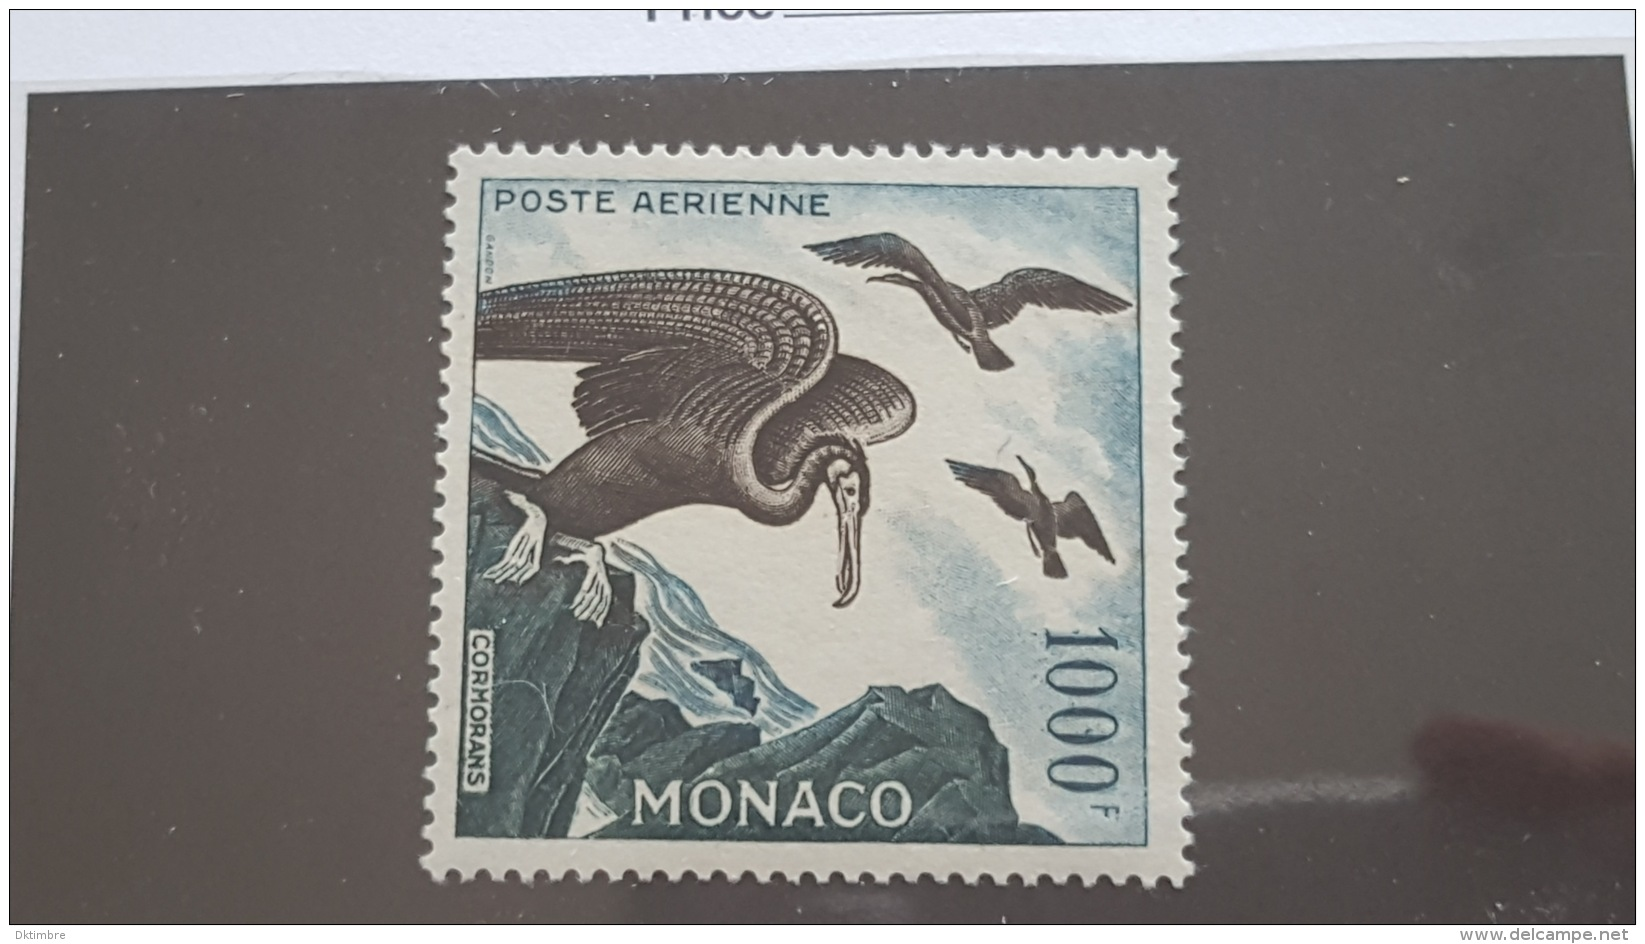 LOT 362737 TIMBRE DE MONACO NEUF** N°68 VALEUR 130 EUROS DEPART A 1€ - Posta Aerea